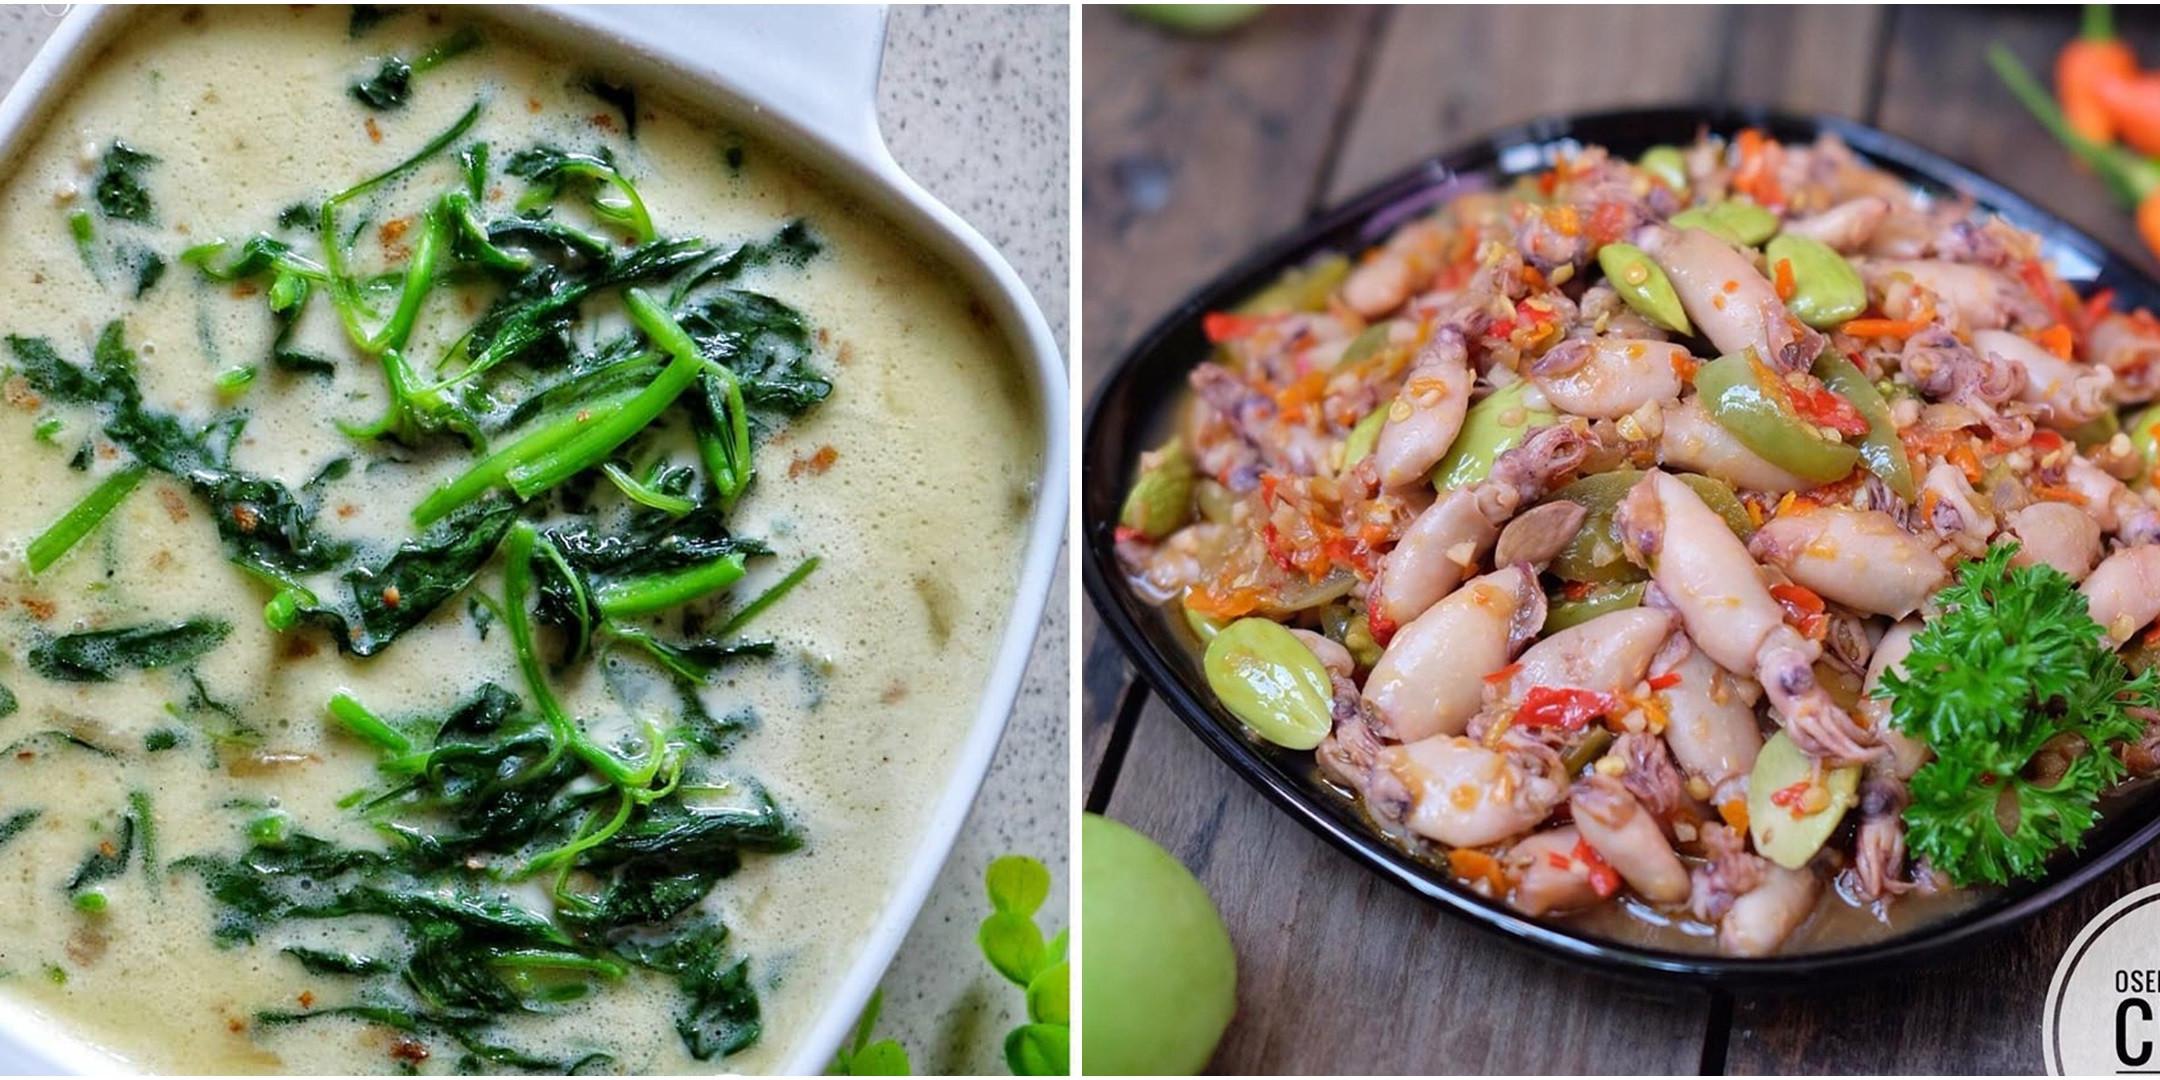 10 Resep Masakan Rumahan Enak Sederhana Dan Mudah Dibuat